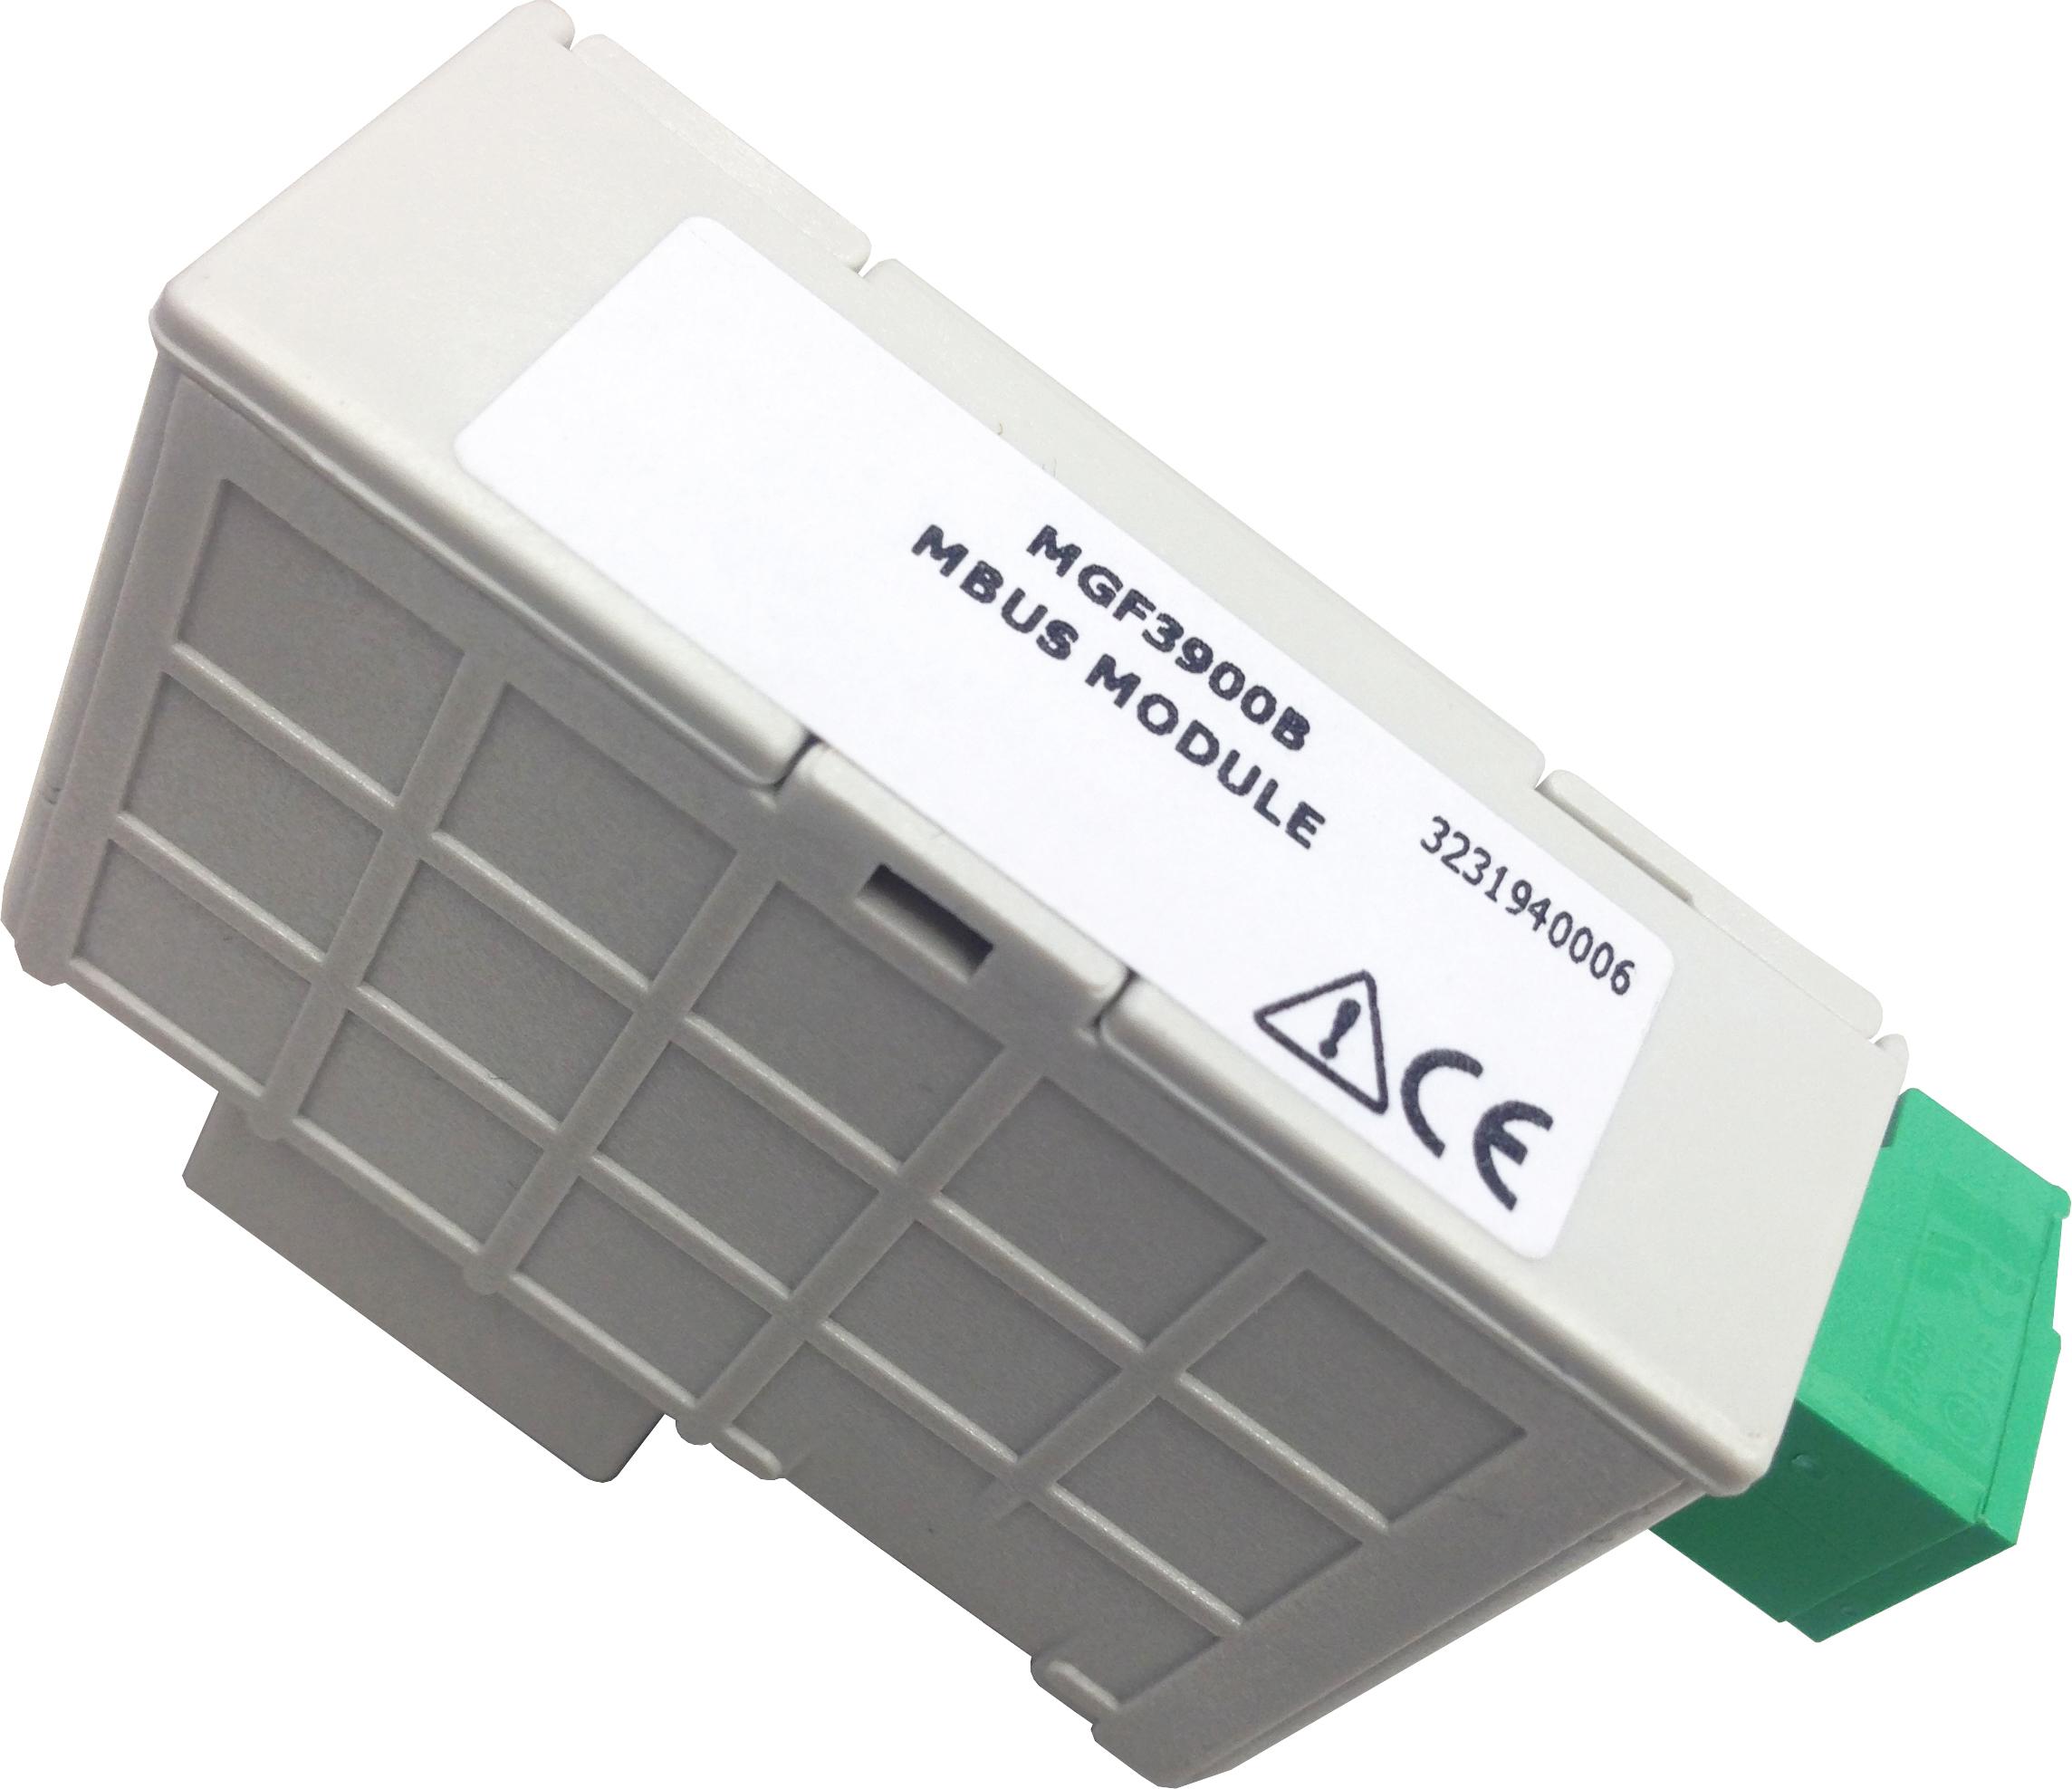 1 Stk Steckmodul für M-Bus MGF3900B--